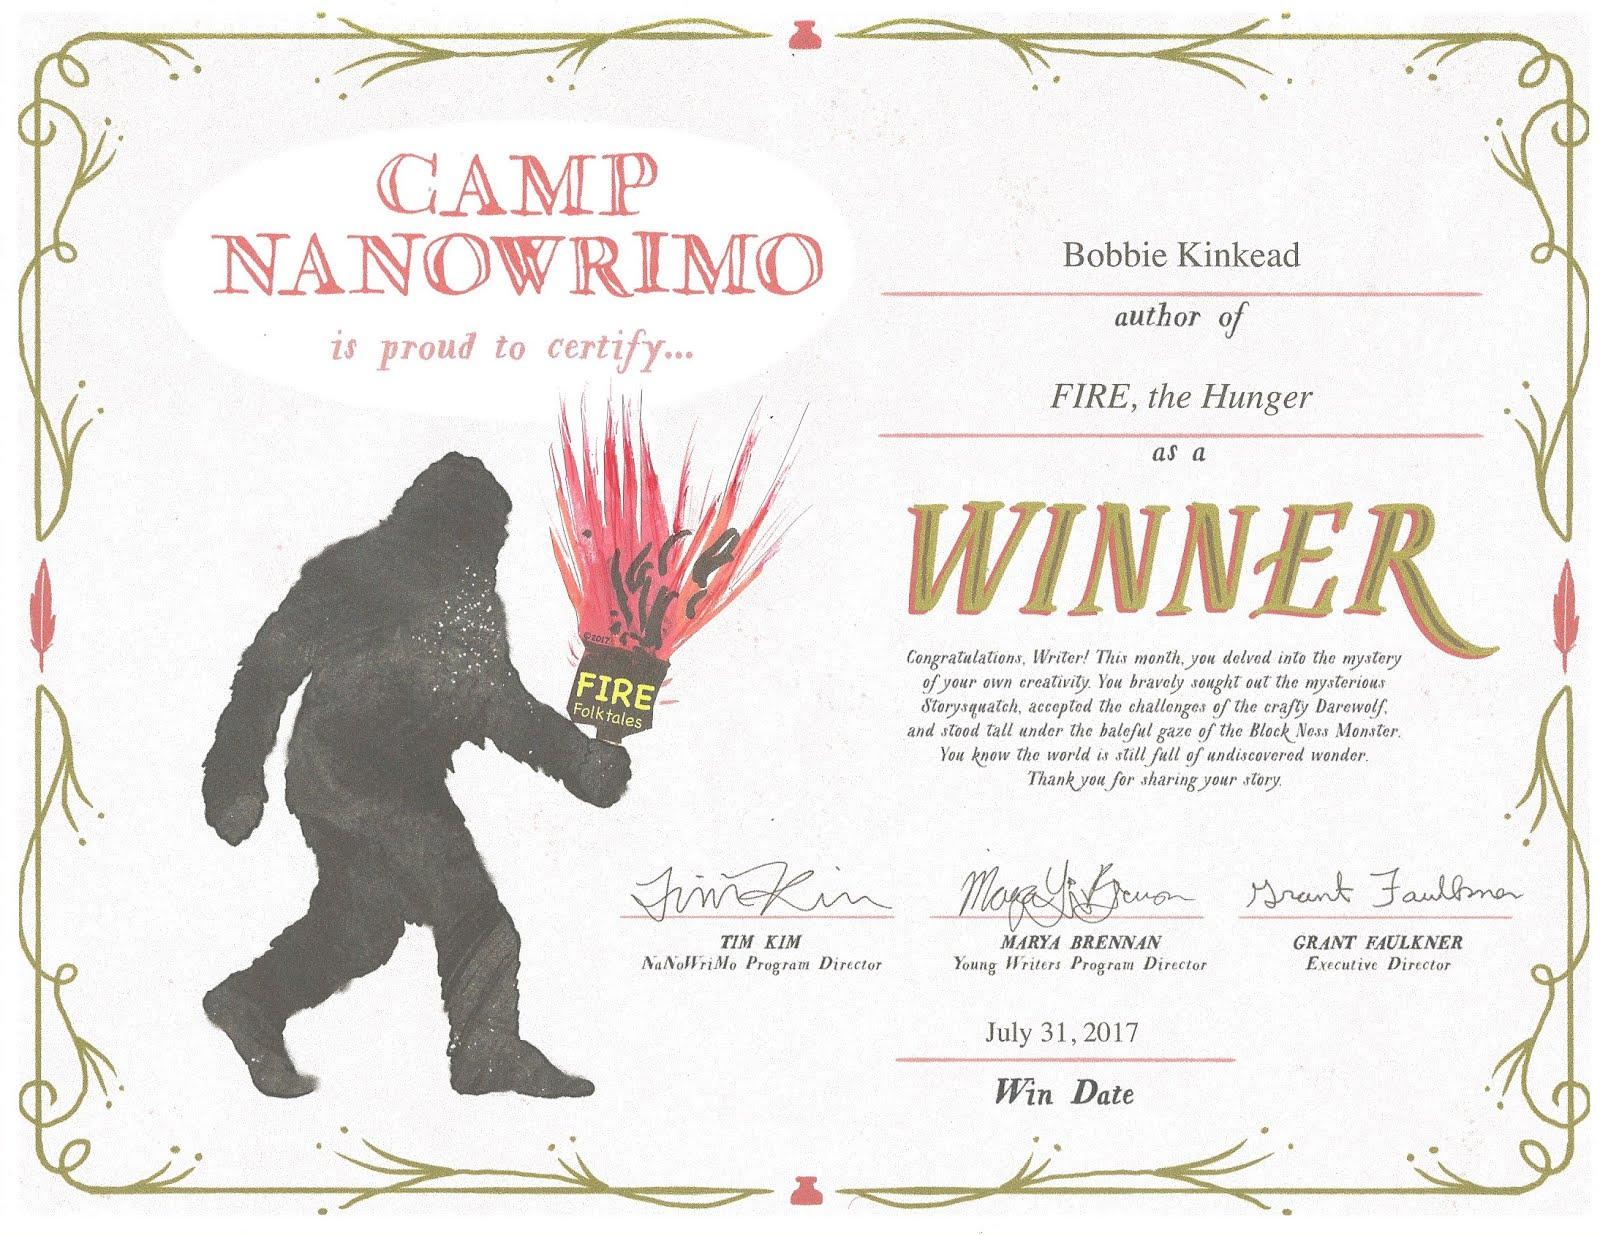 Winner NaNoWri CAMP 2017